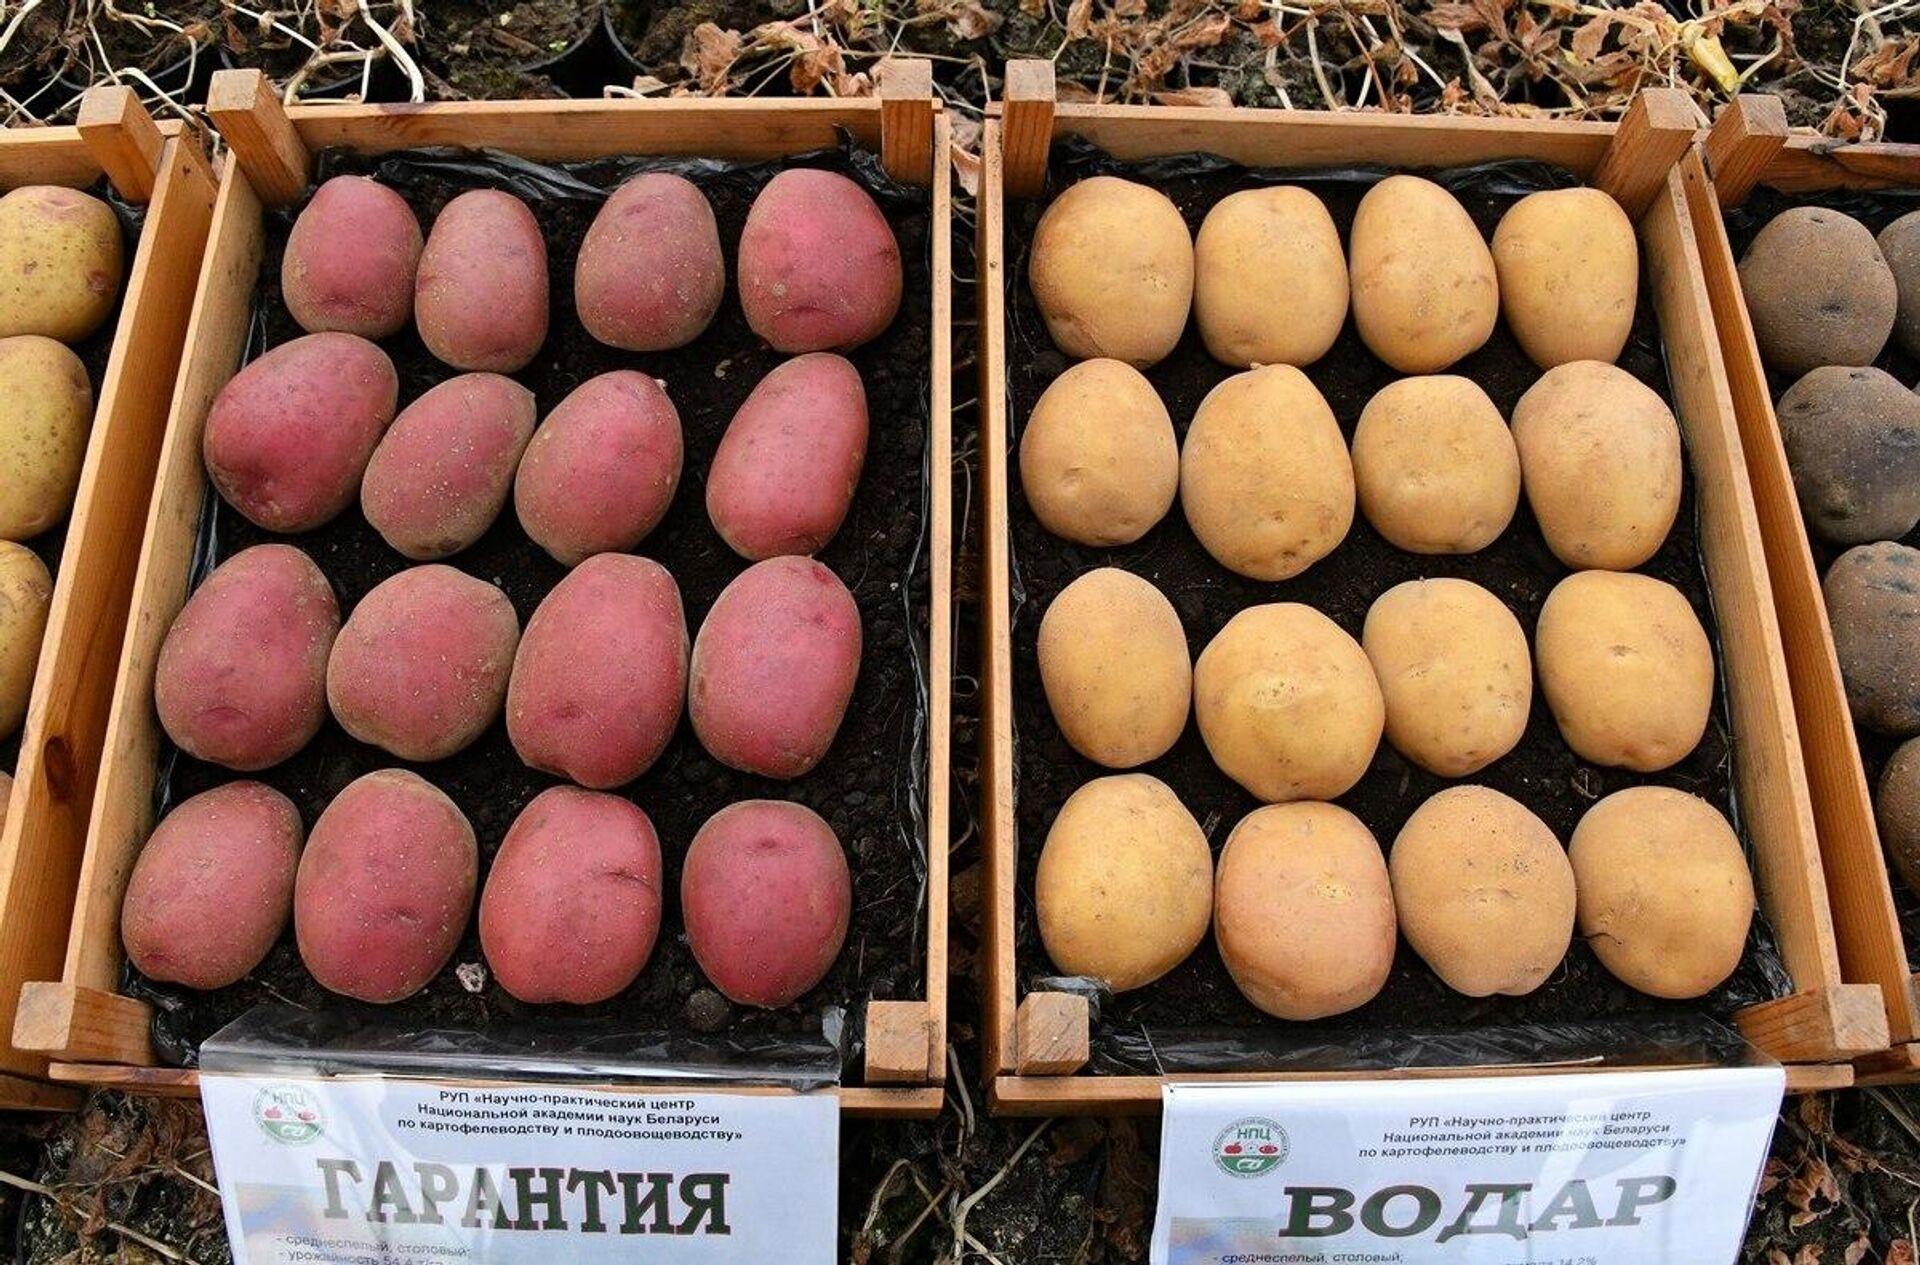 Чтобы получить новый сорт картошки, ученым необходимо 10-12 лет - Sputnik Беларусь, 1920, 07.10.2021